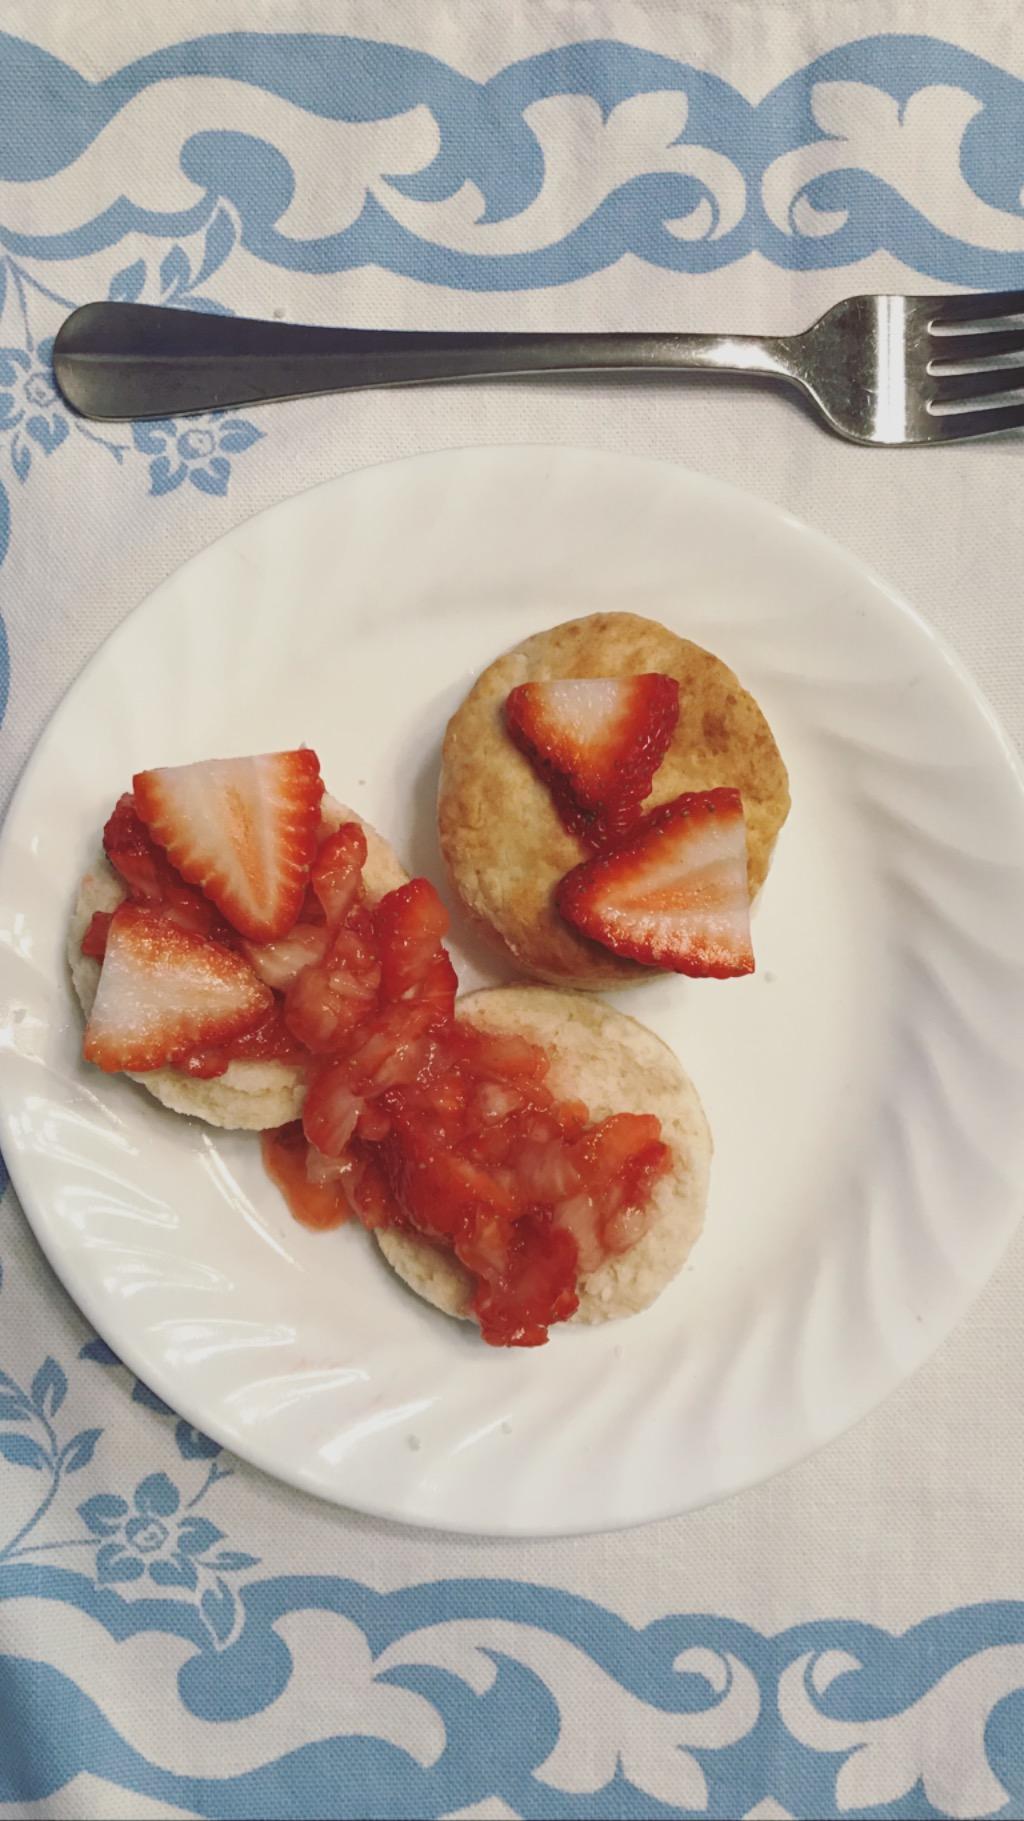 Strawberries 'n Biscuits -